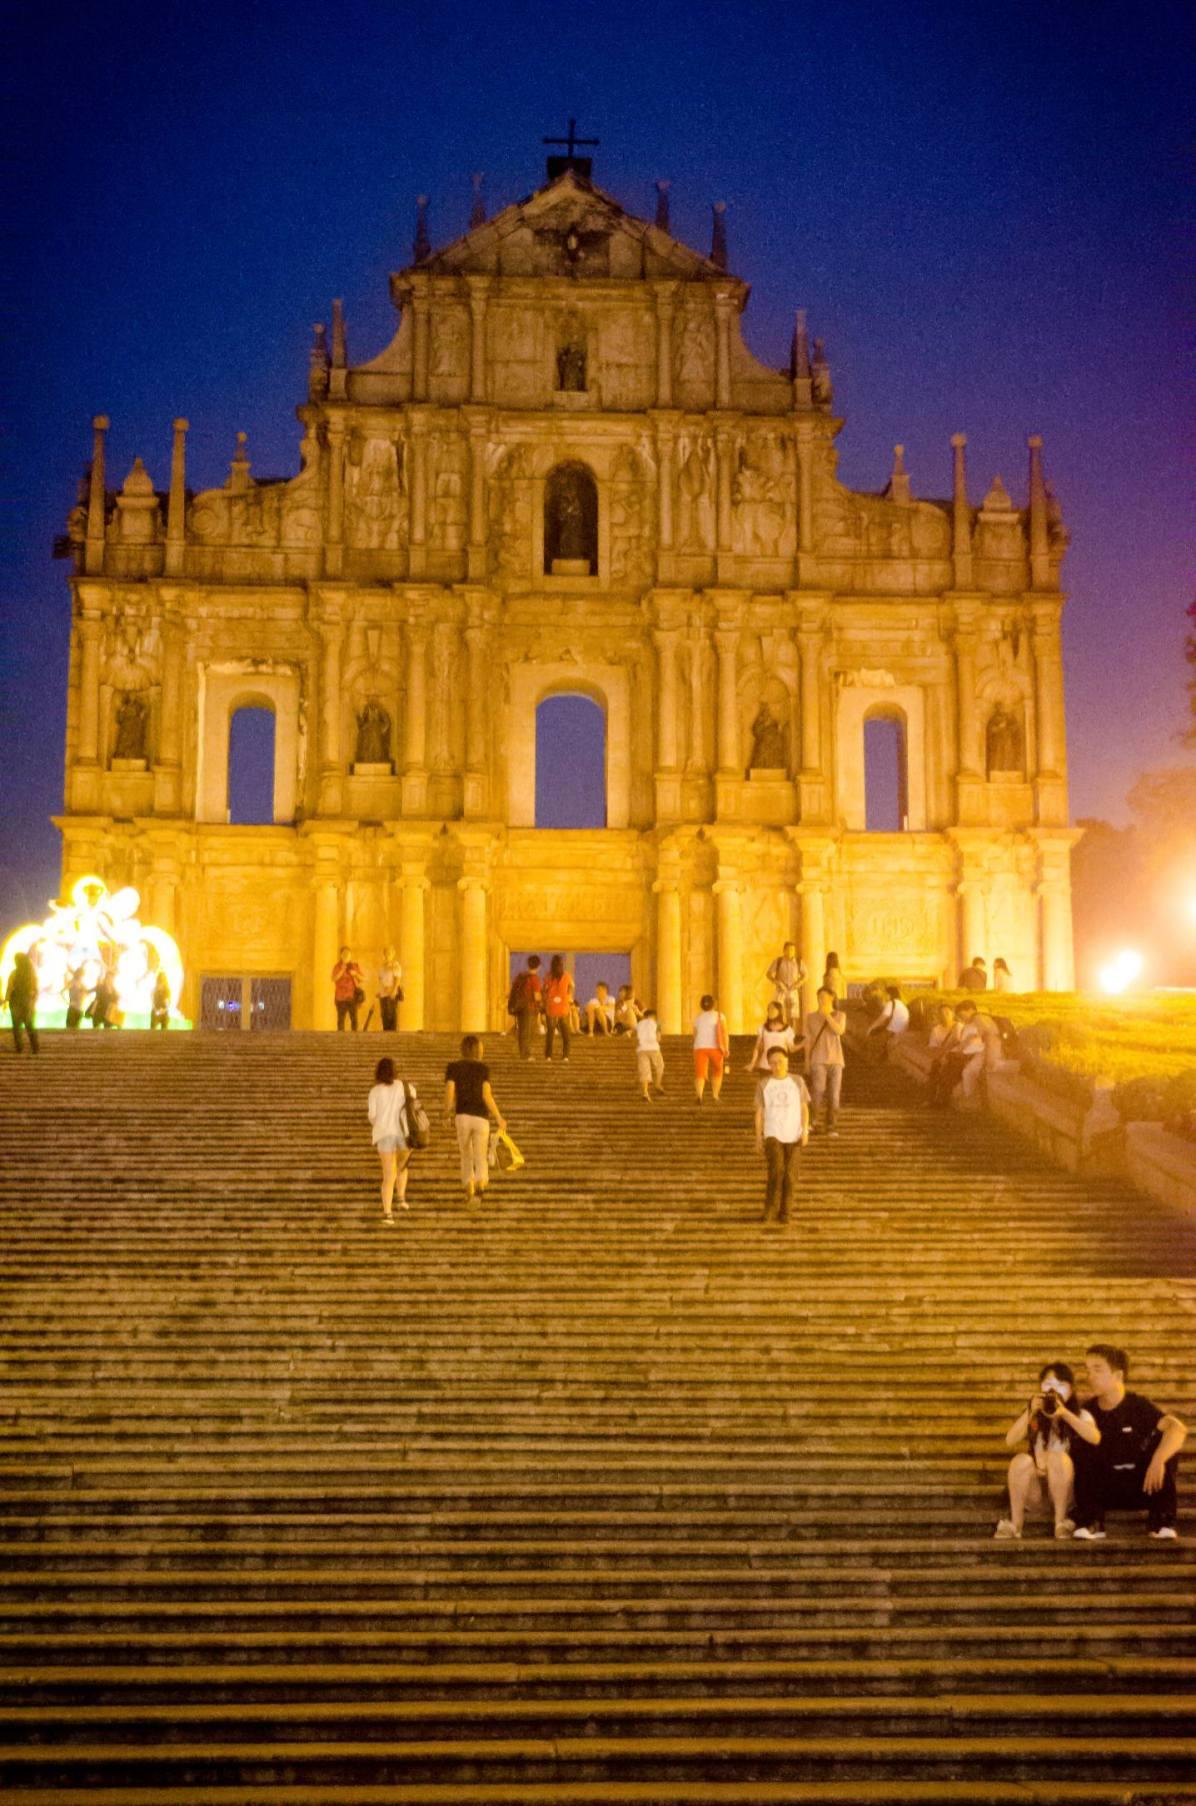 Pays qui profitent le plus du tourisme - Macao - Photo © Cedric Lizotte